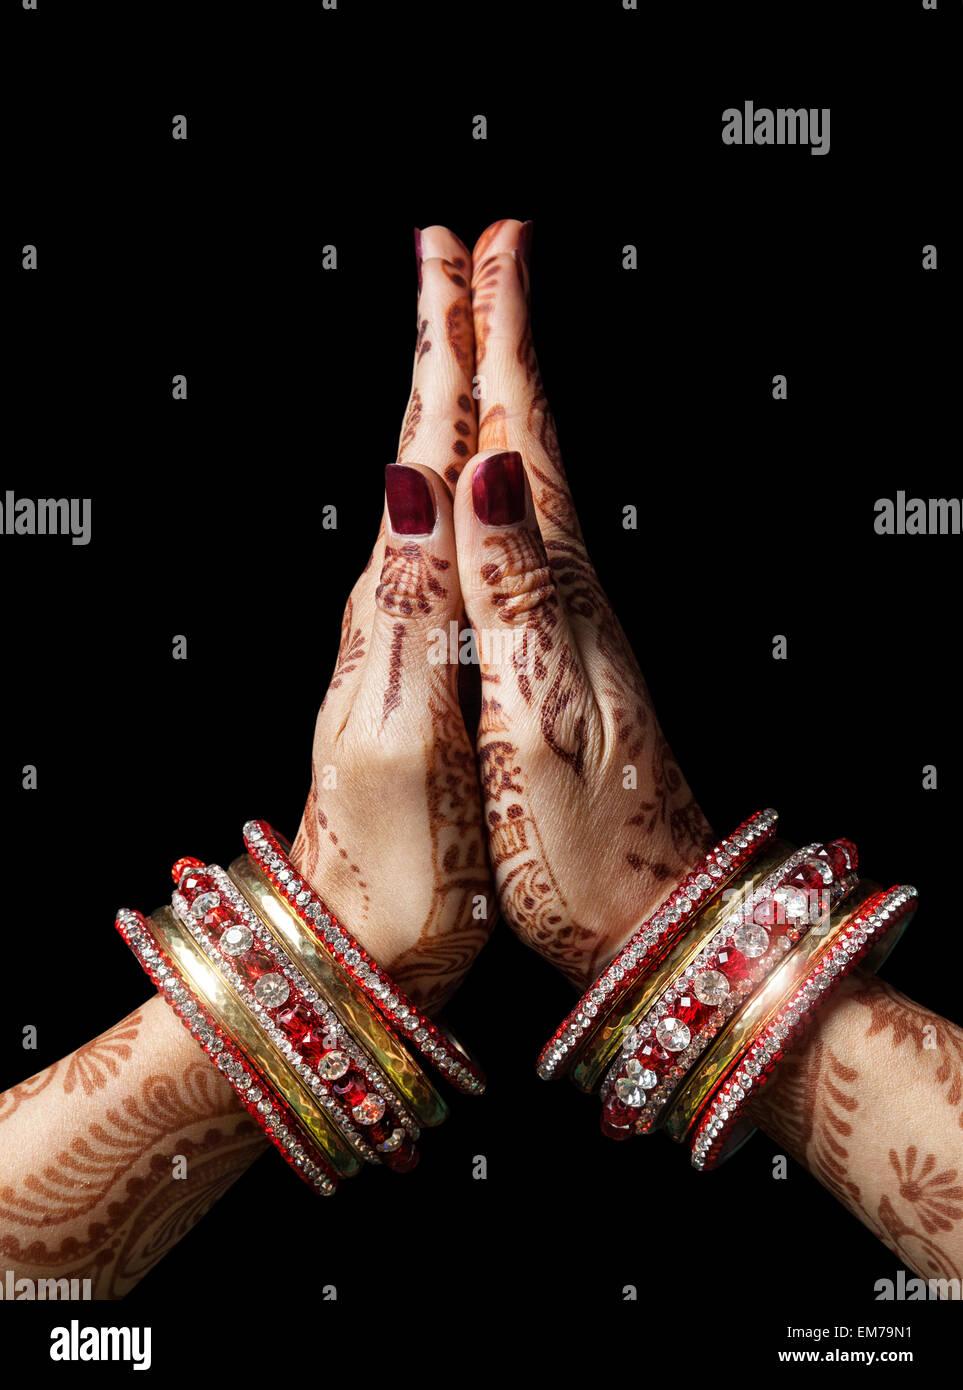 Donna mani con henna in Namaste mudra su sfondo nero Immagini Stock